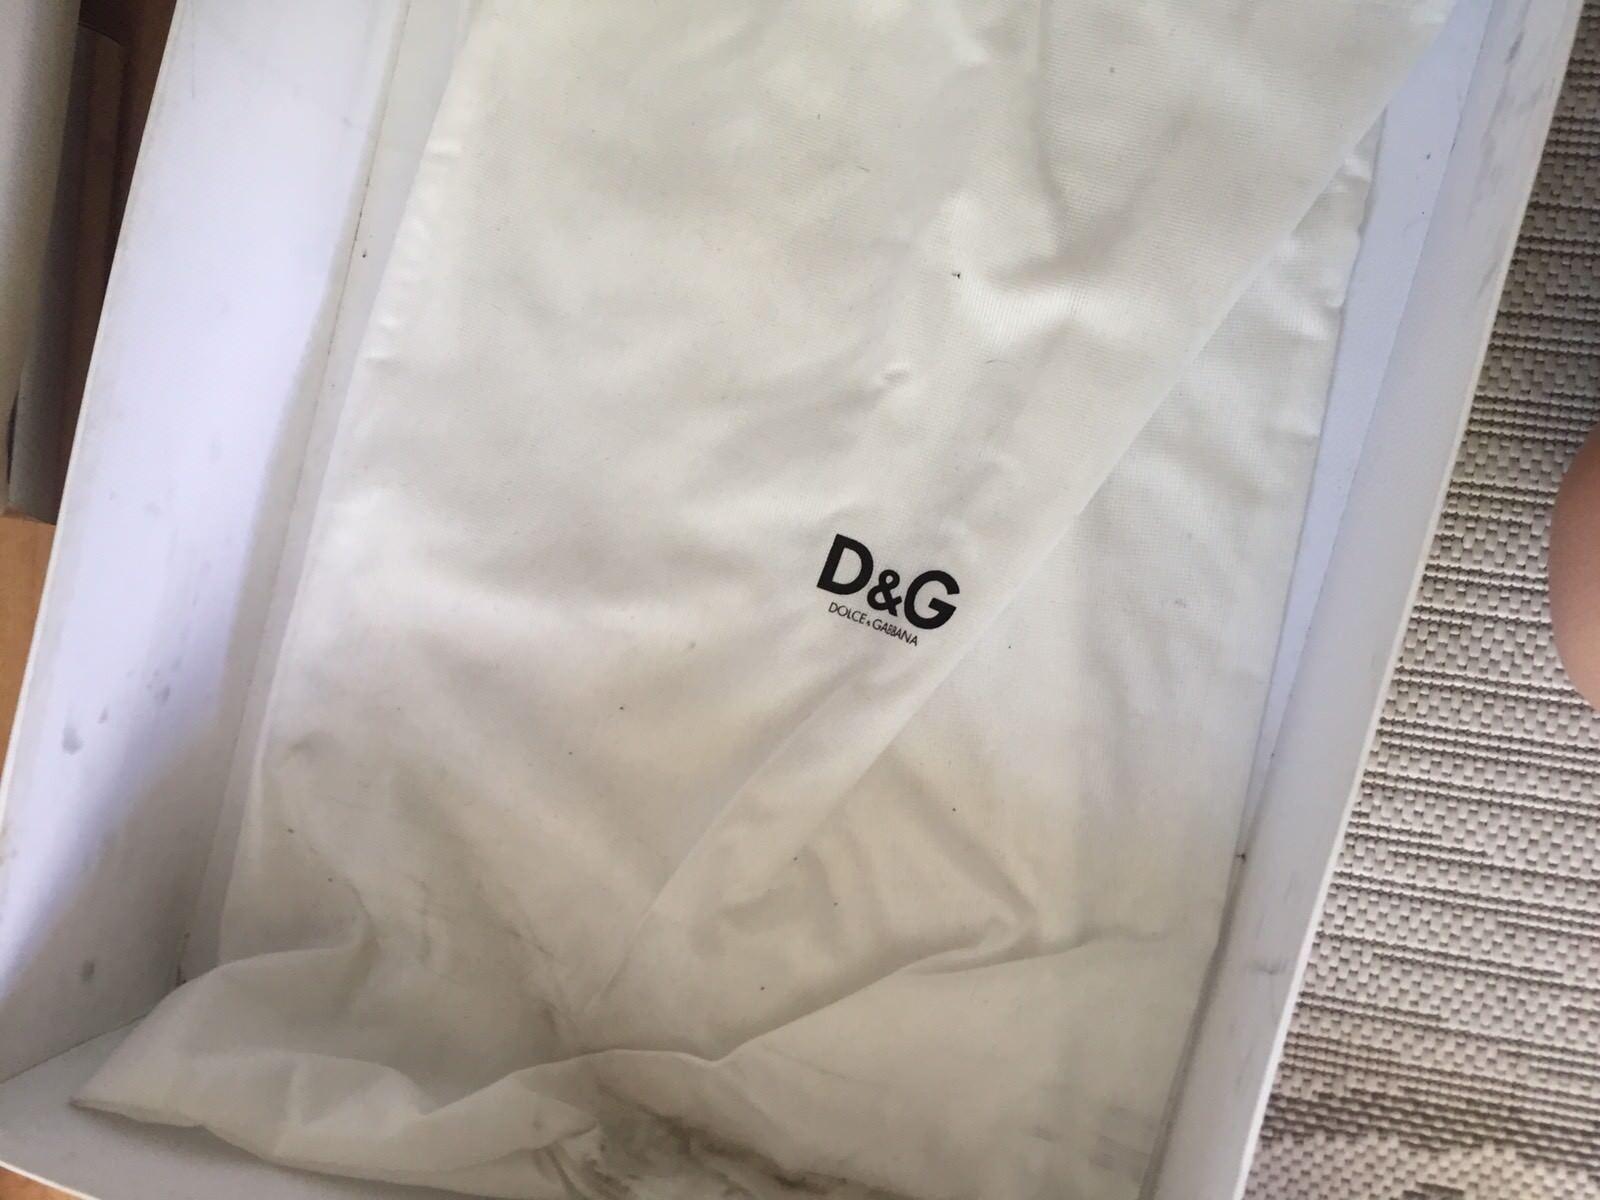 D&G Rauleder Stiefeln / / Stiefeln Größe 39 afed0c